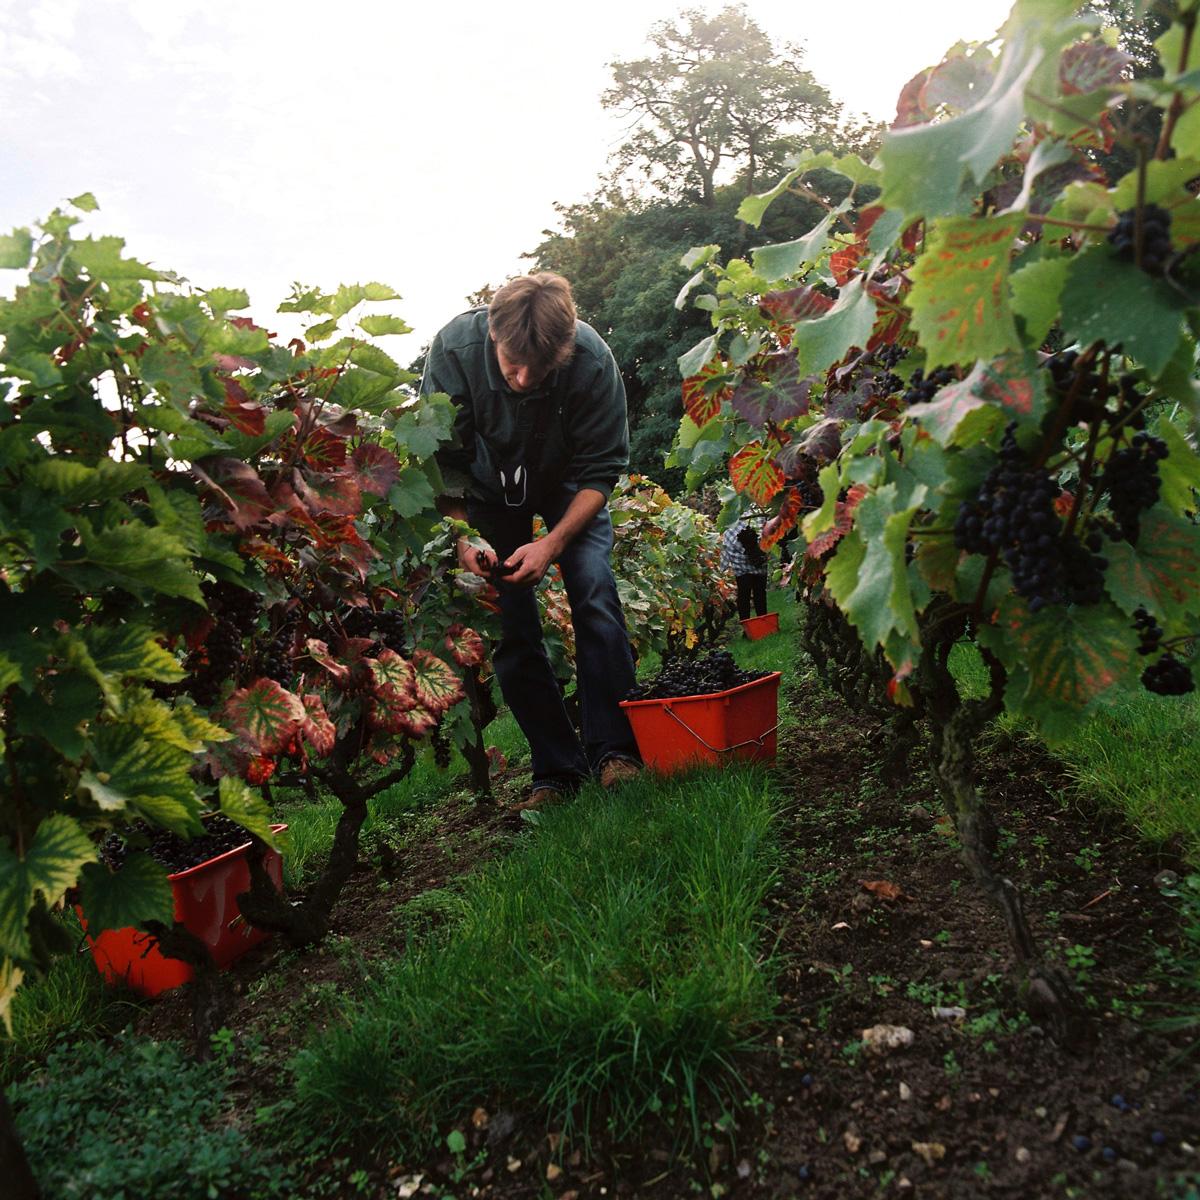 Une personne ceuille des raisins dans les vignes.